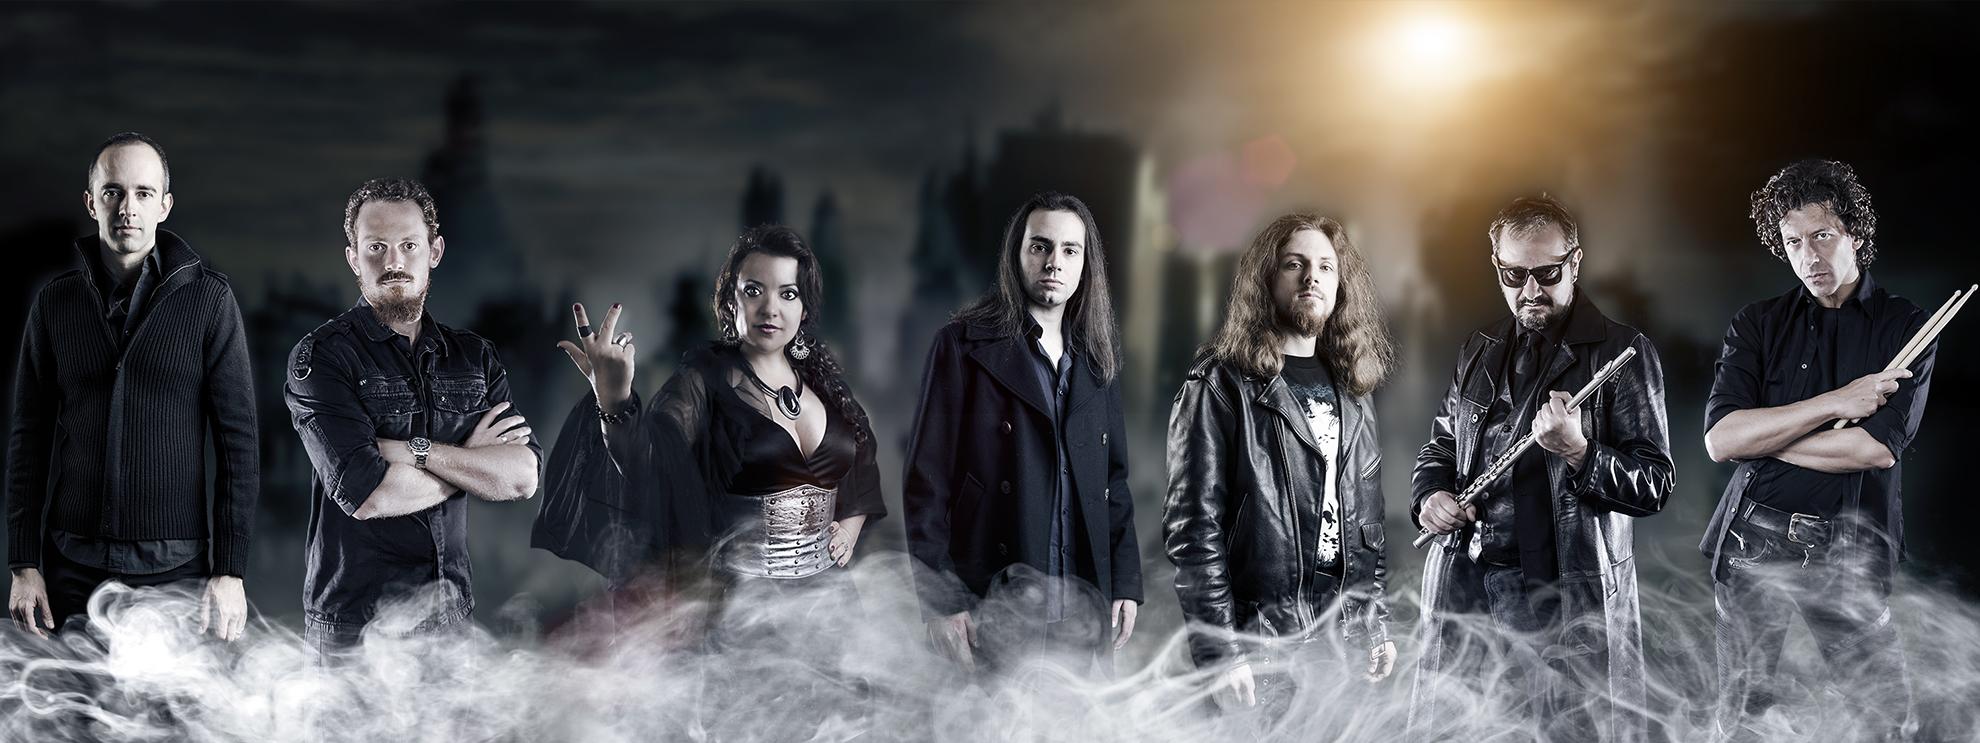 foto per la band metal di milano choirs of veritas